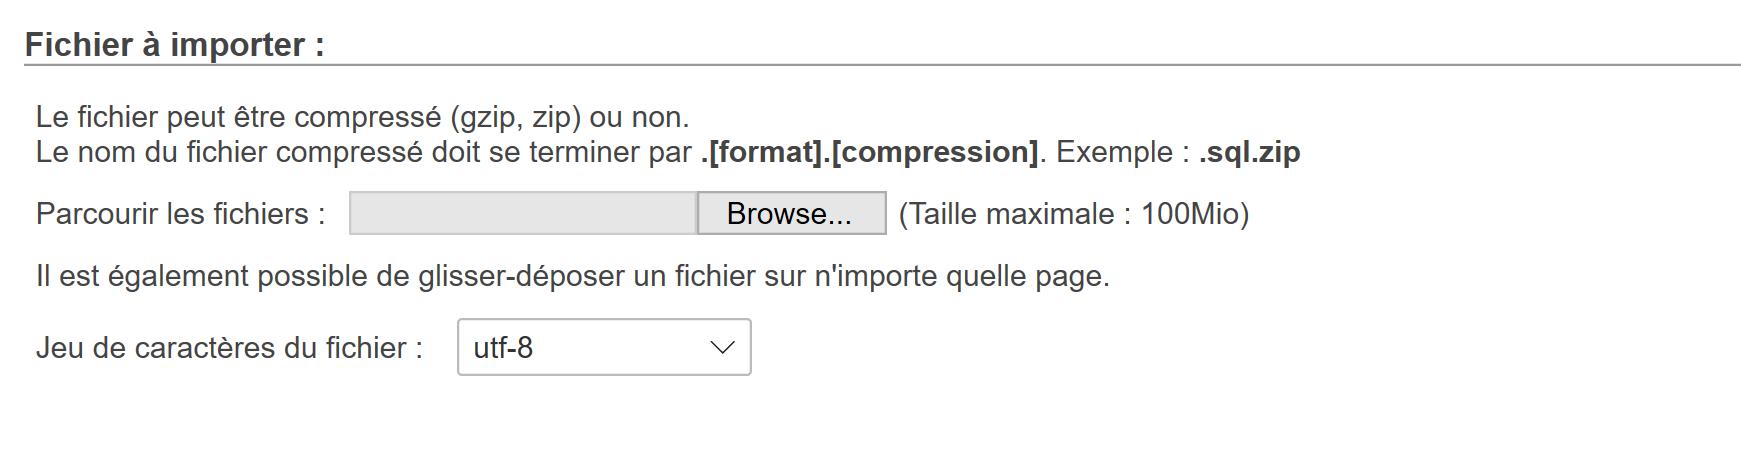 Fichier à importer